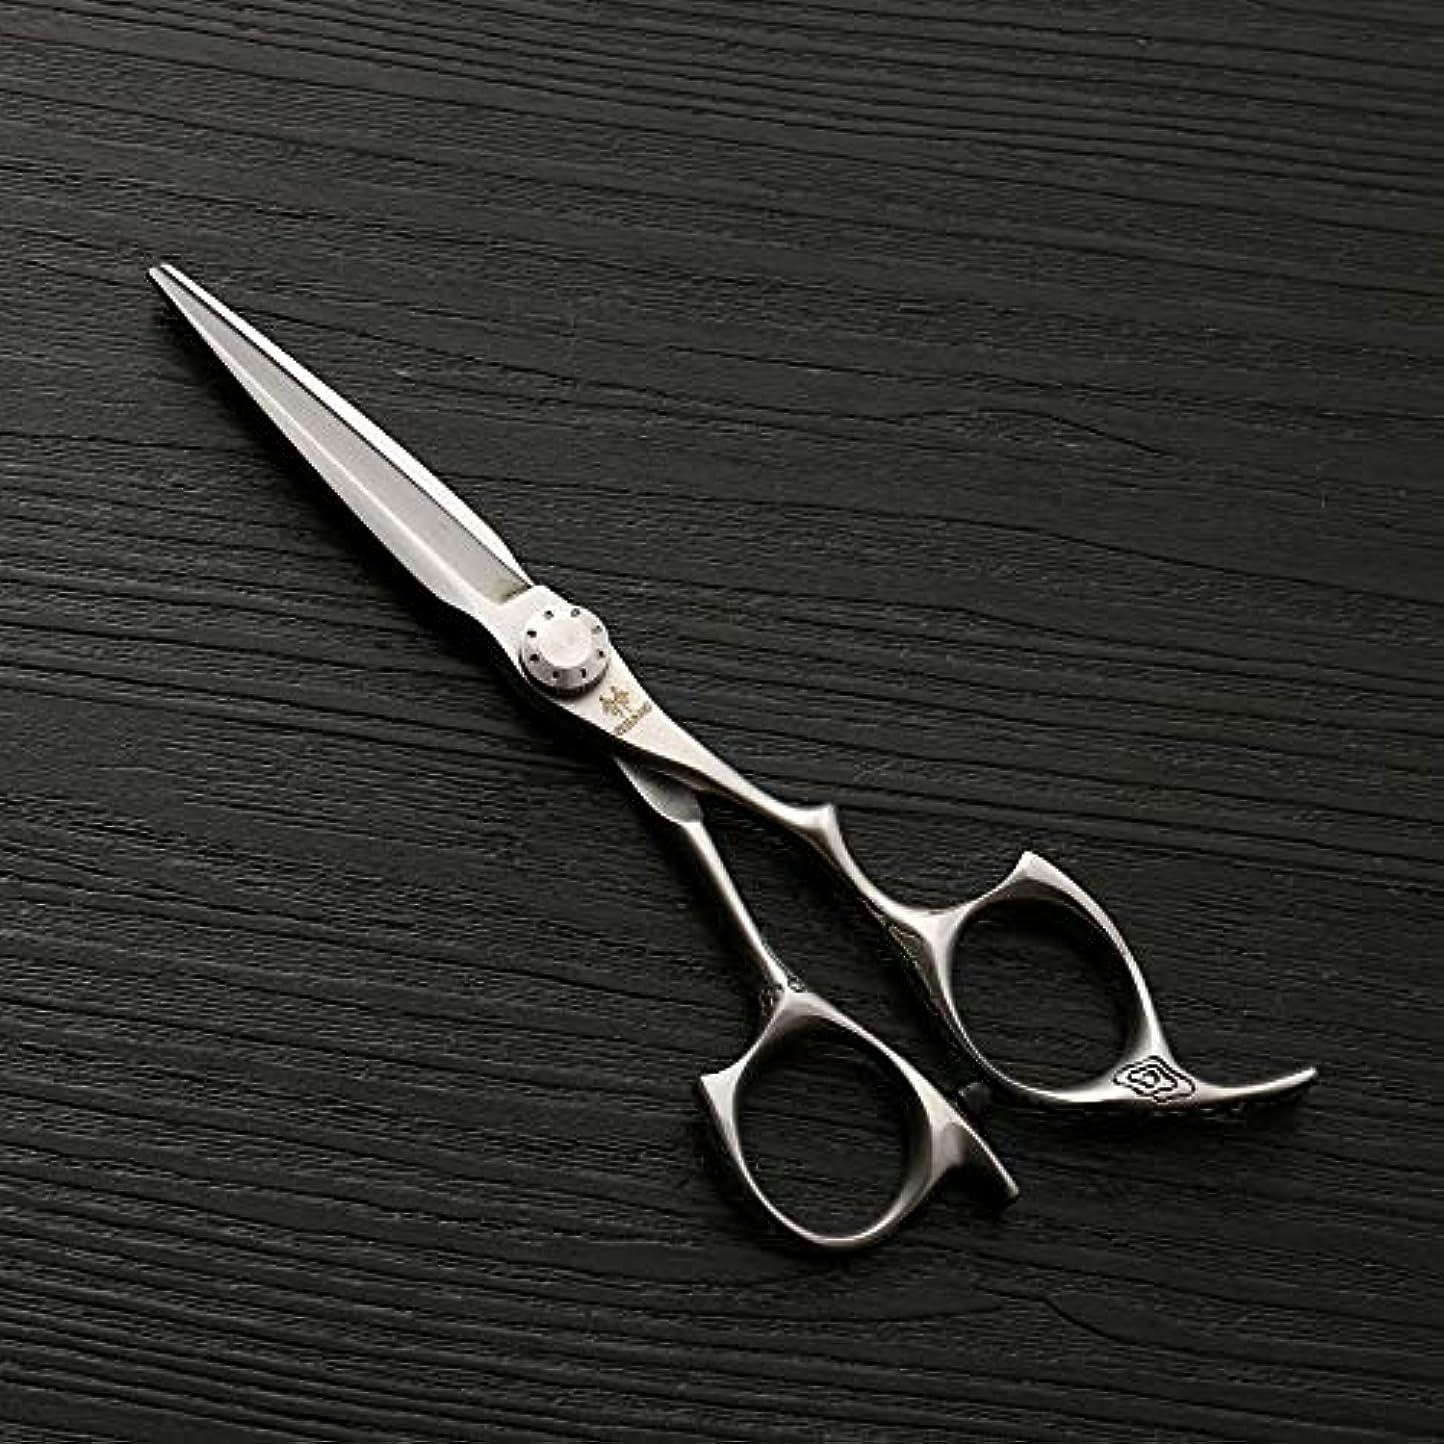 補償モナリザ過ち5.5インチステンレス鋼プロフェッショナルフラットせん断、新しいバリカン、ヘアスタイリスト理髪はさみ ヘアケア (色 : Silver)